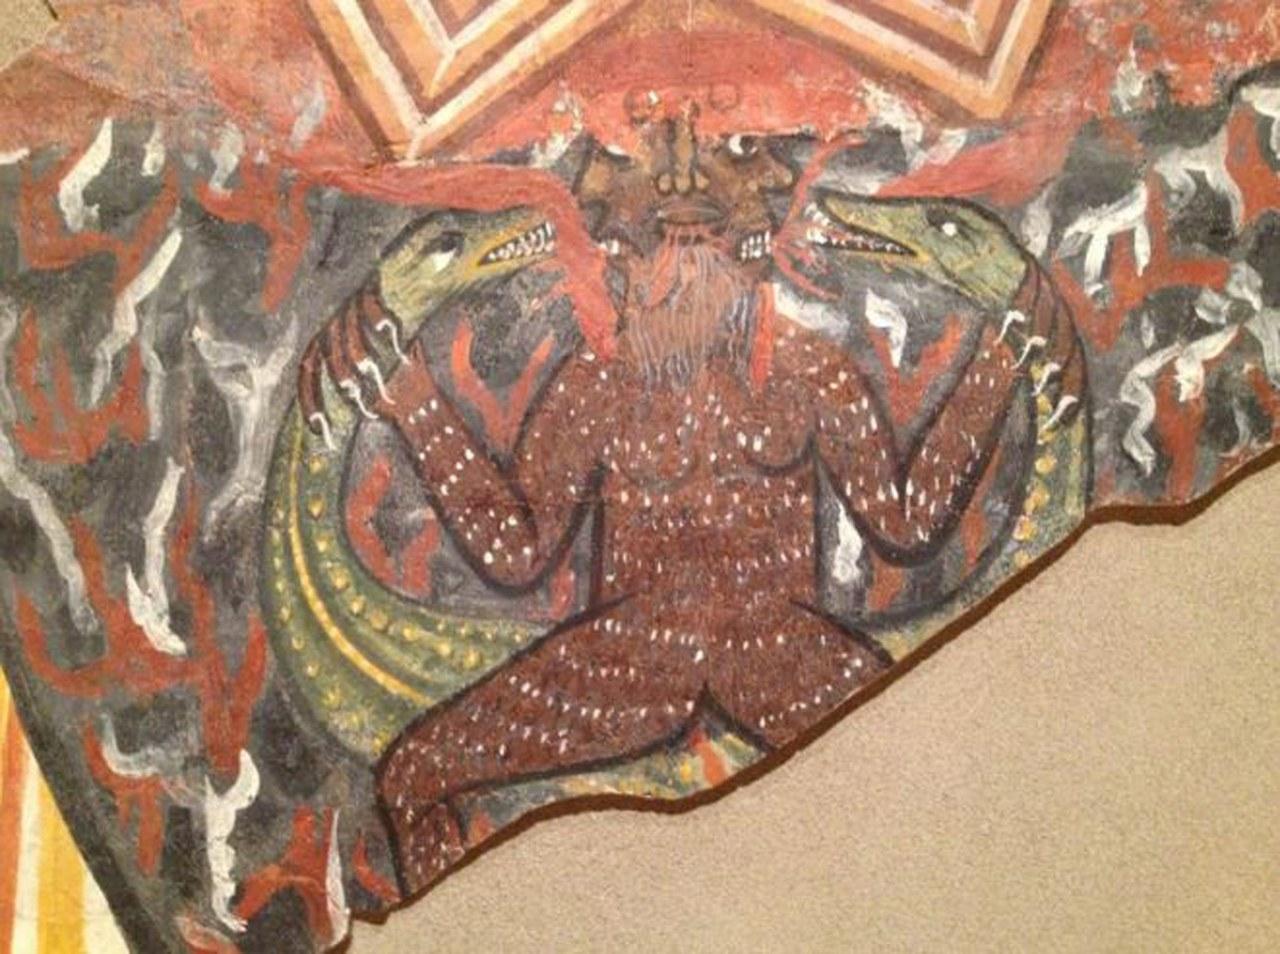 fig. 2 Treviso, Museo diocesano di Arte Sacra, particolare dell'Anastasis proveniente dalla cappella del palazzo arcivescovile, il demonio, 1260